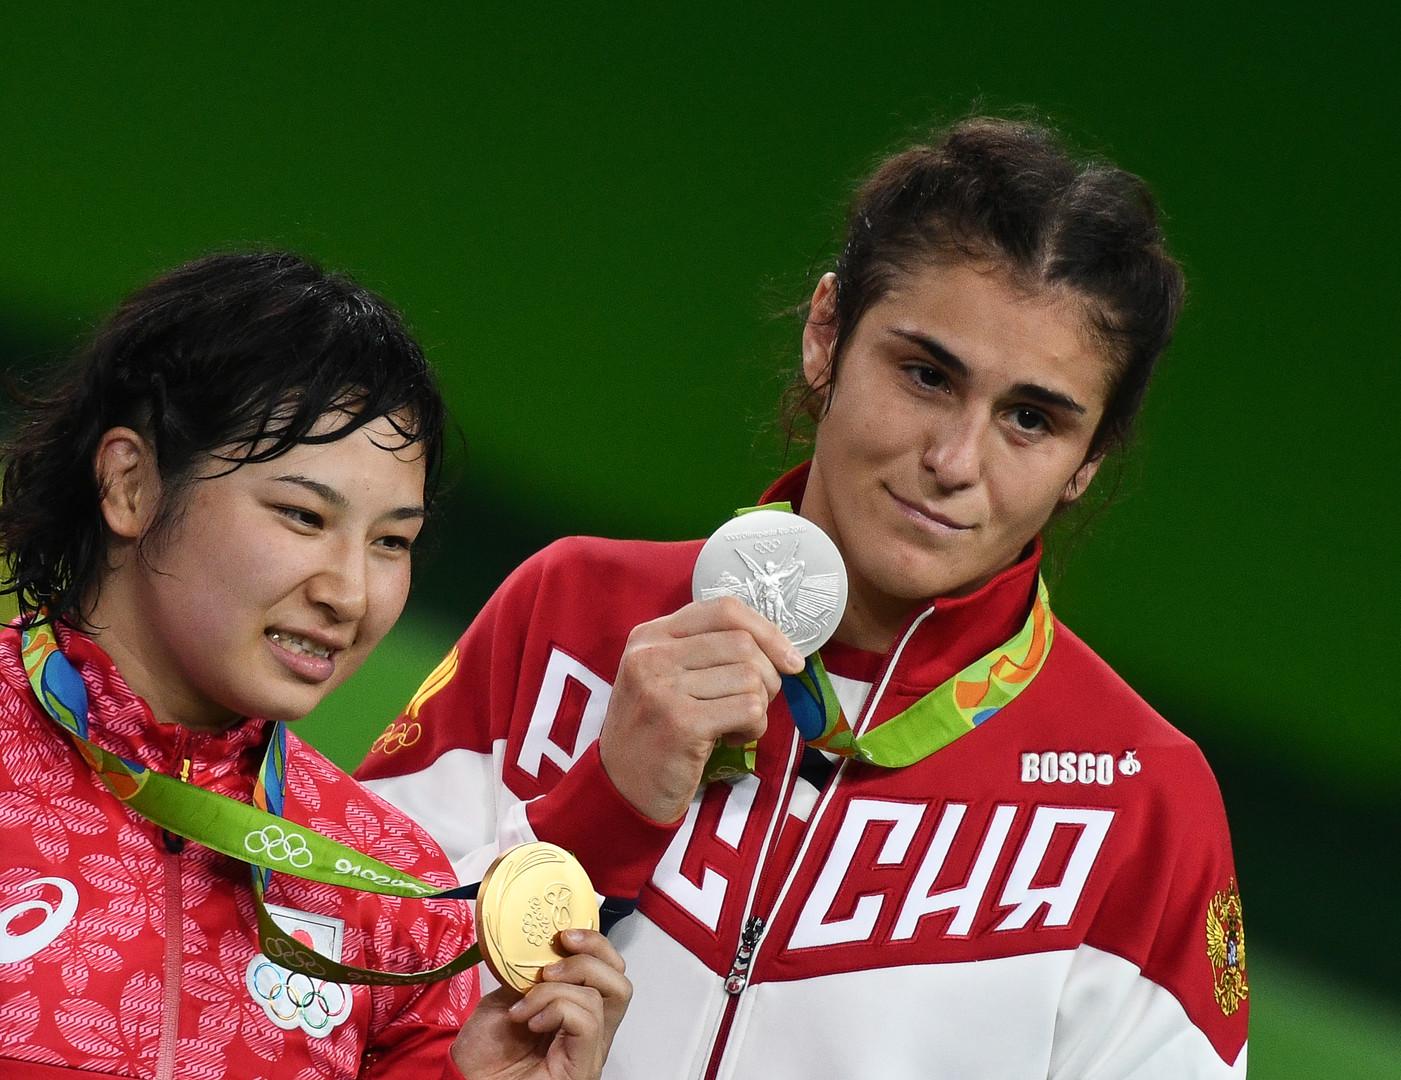 Наталья Воробьёва завоевала серебро Олимпийских игр в Рио-де-Жанейро